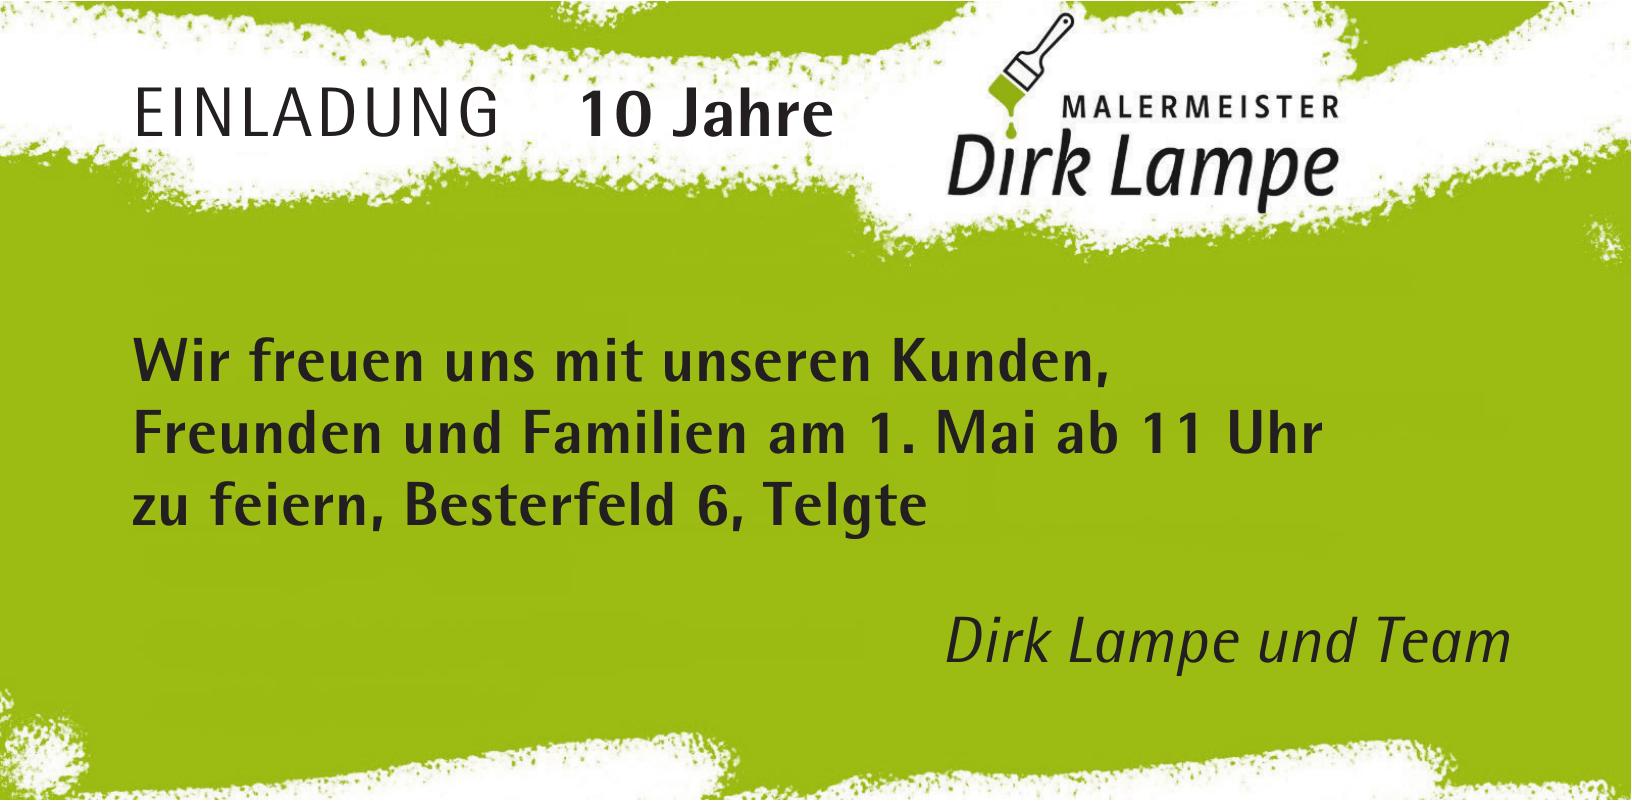 Dirk Lampe Malermeister